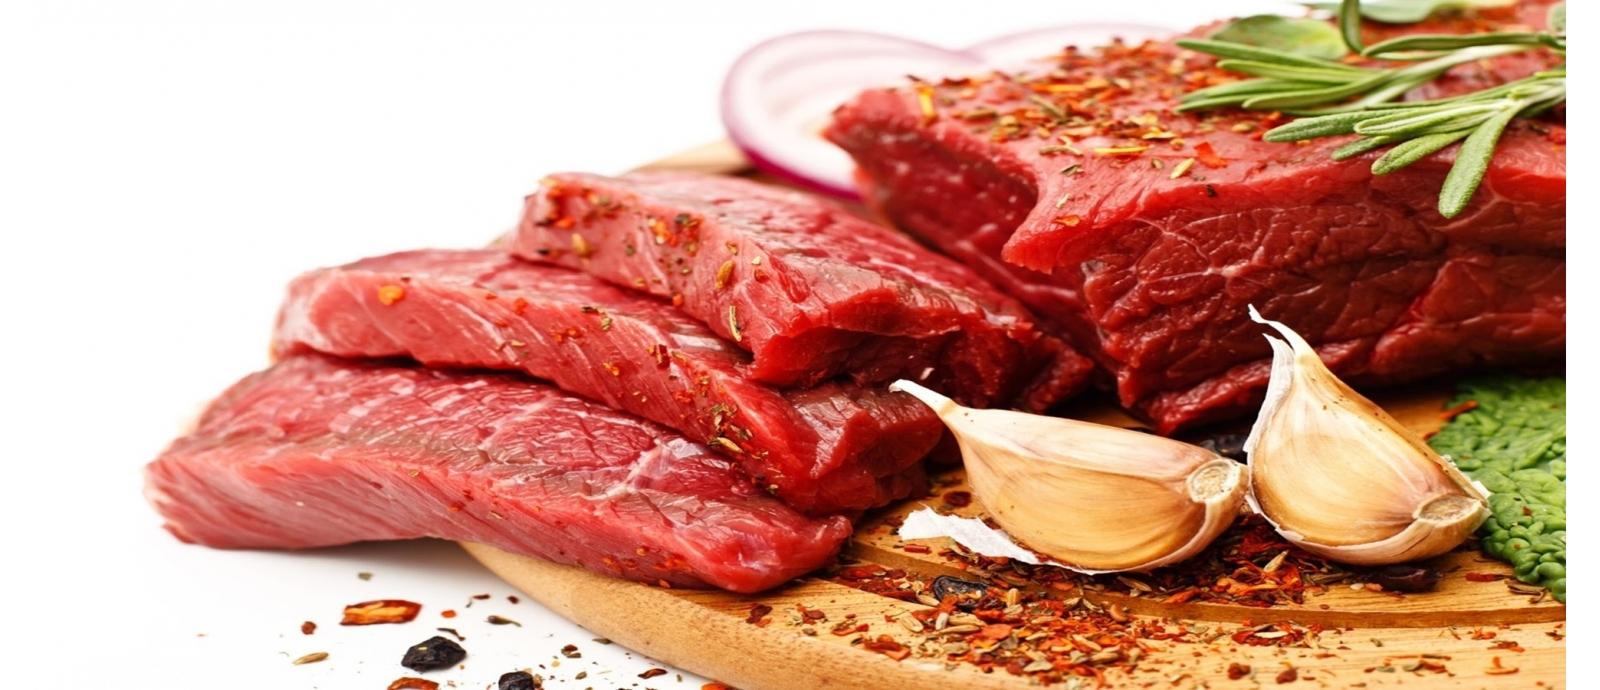 Ελληνικά προϊόντα κρέατος